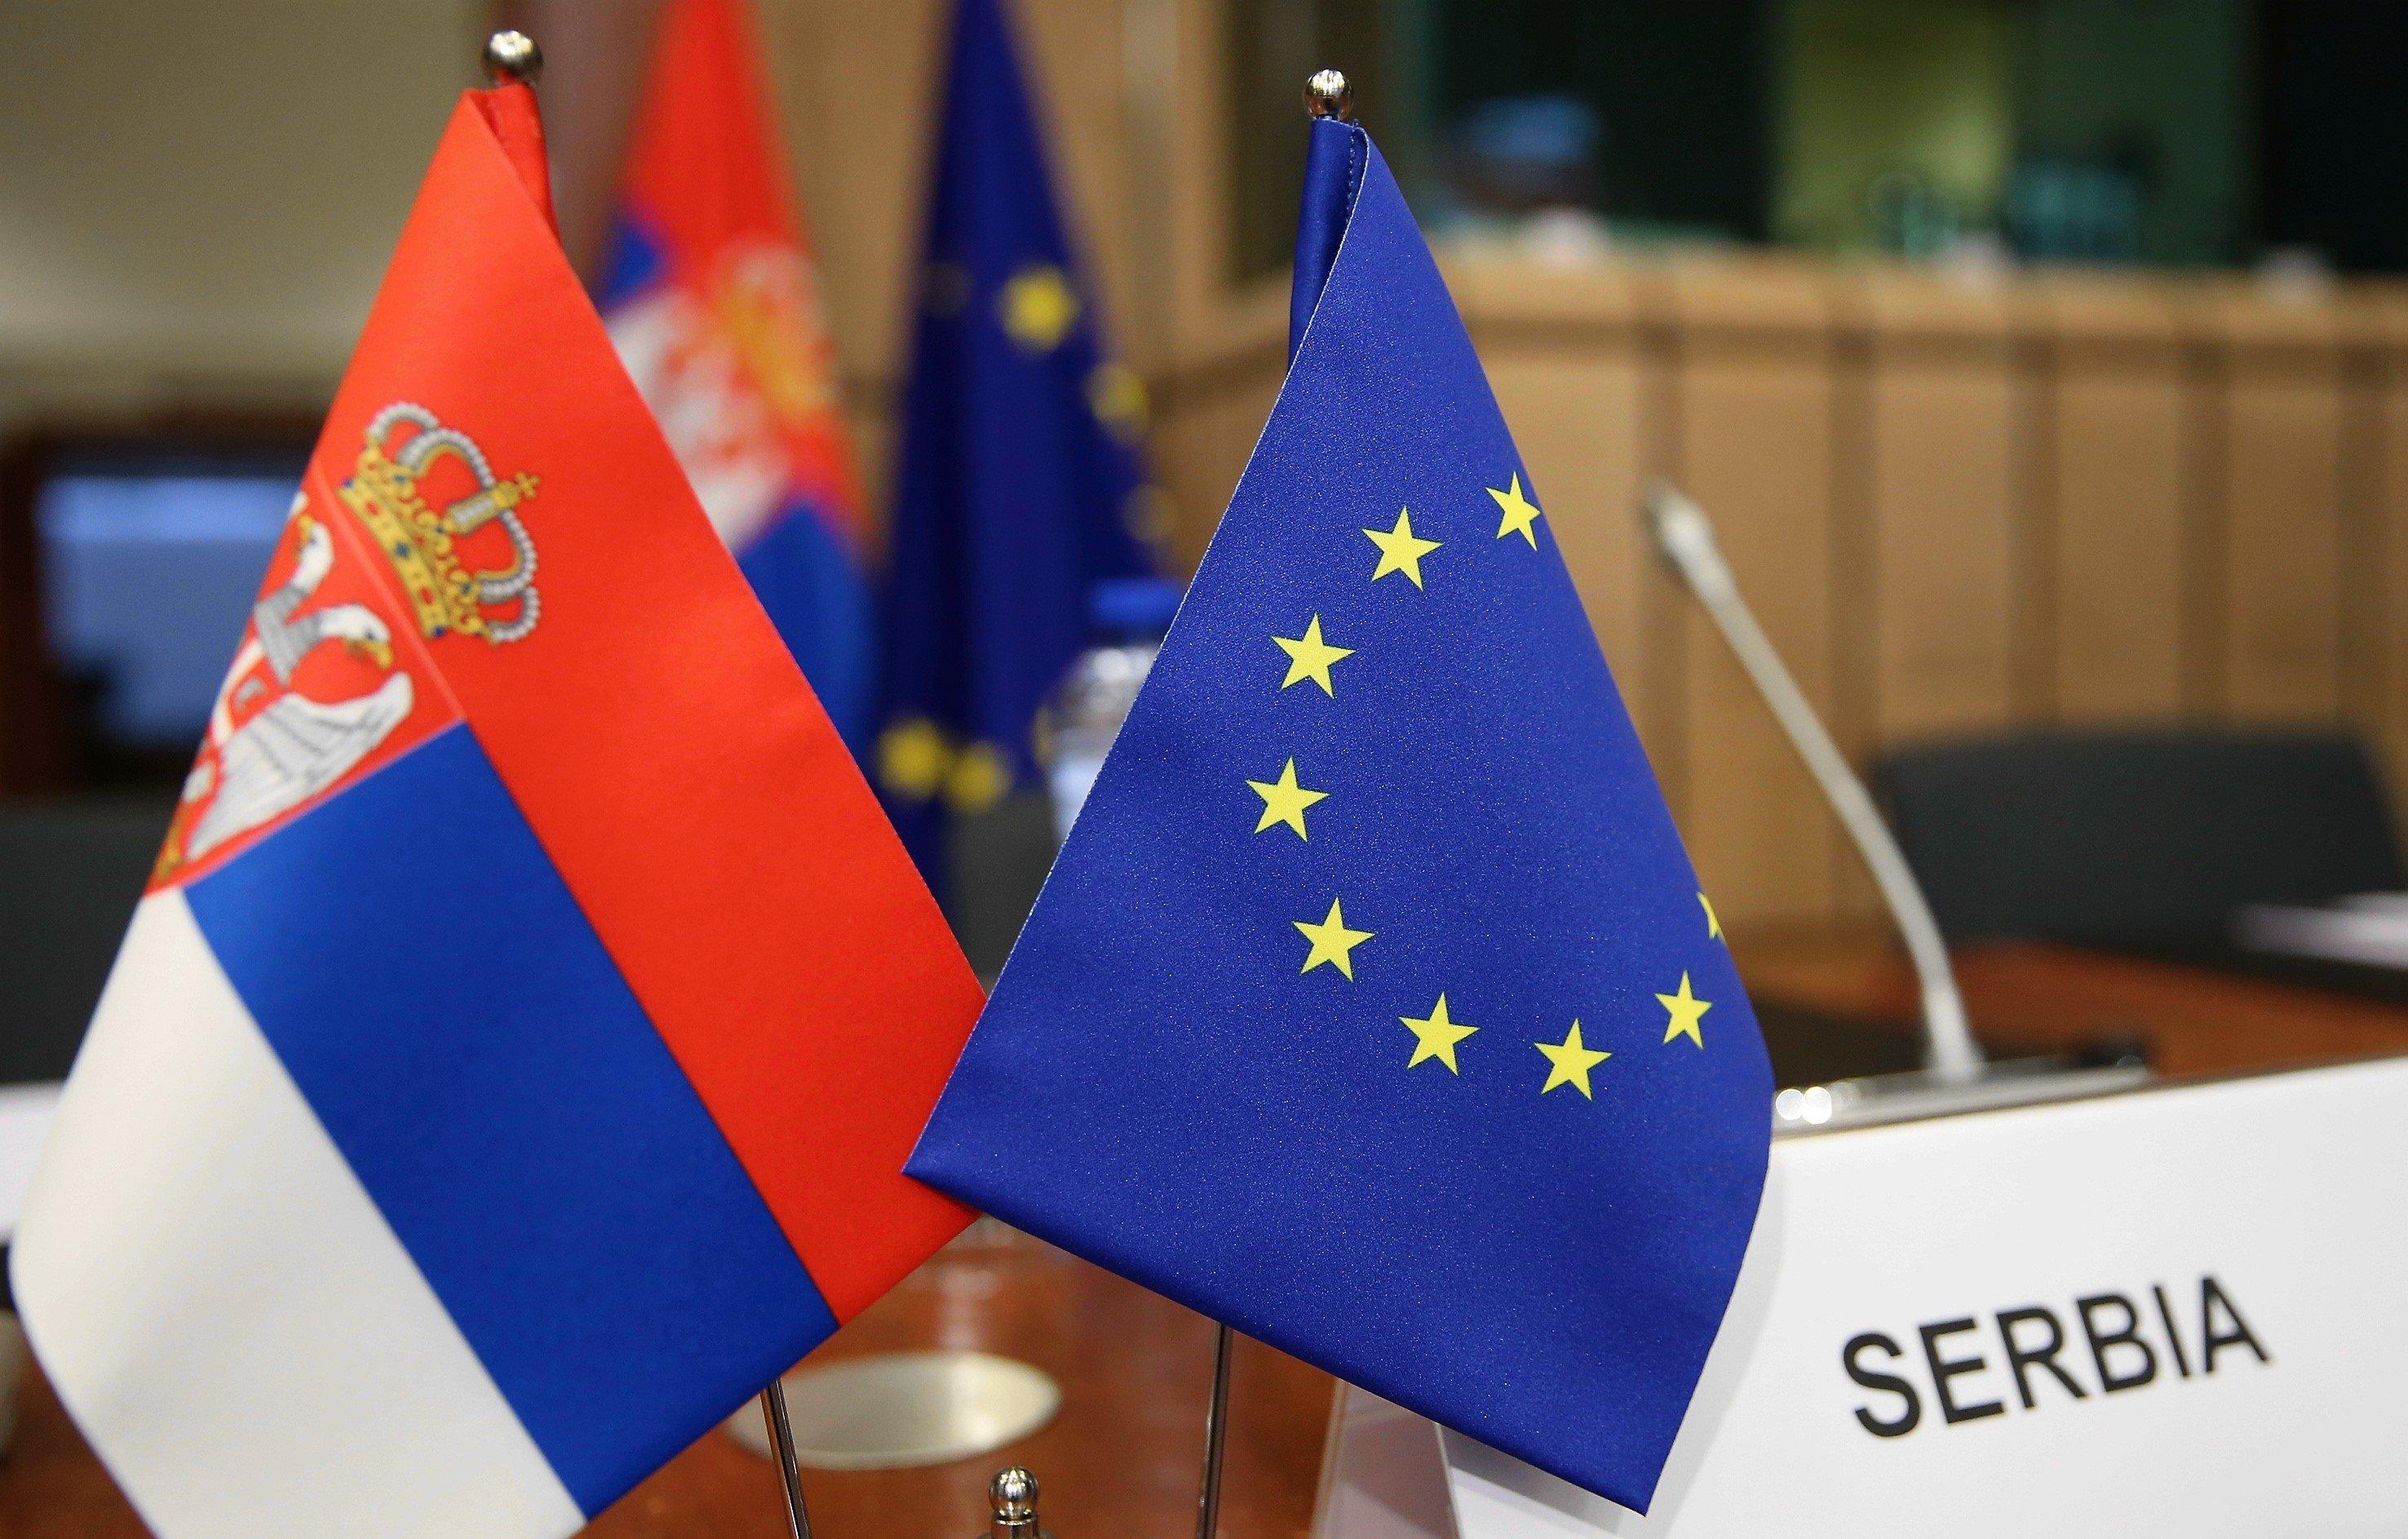 Σερβία και Μαυροβούνιο πιθανόν οι επόμενες χώρες που θα ενταχθούν στην ΕΕ